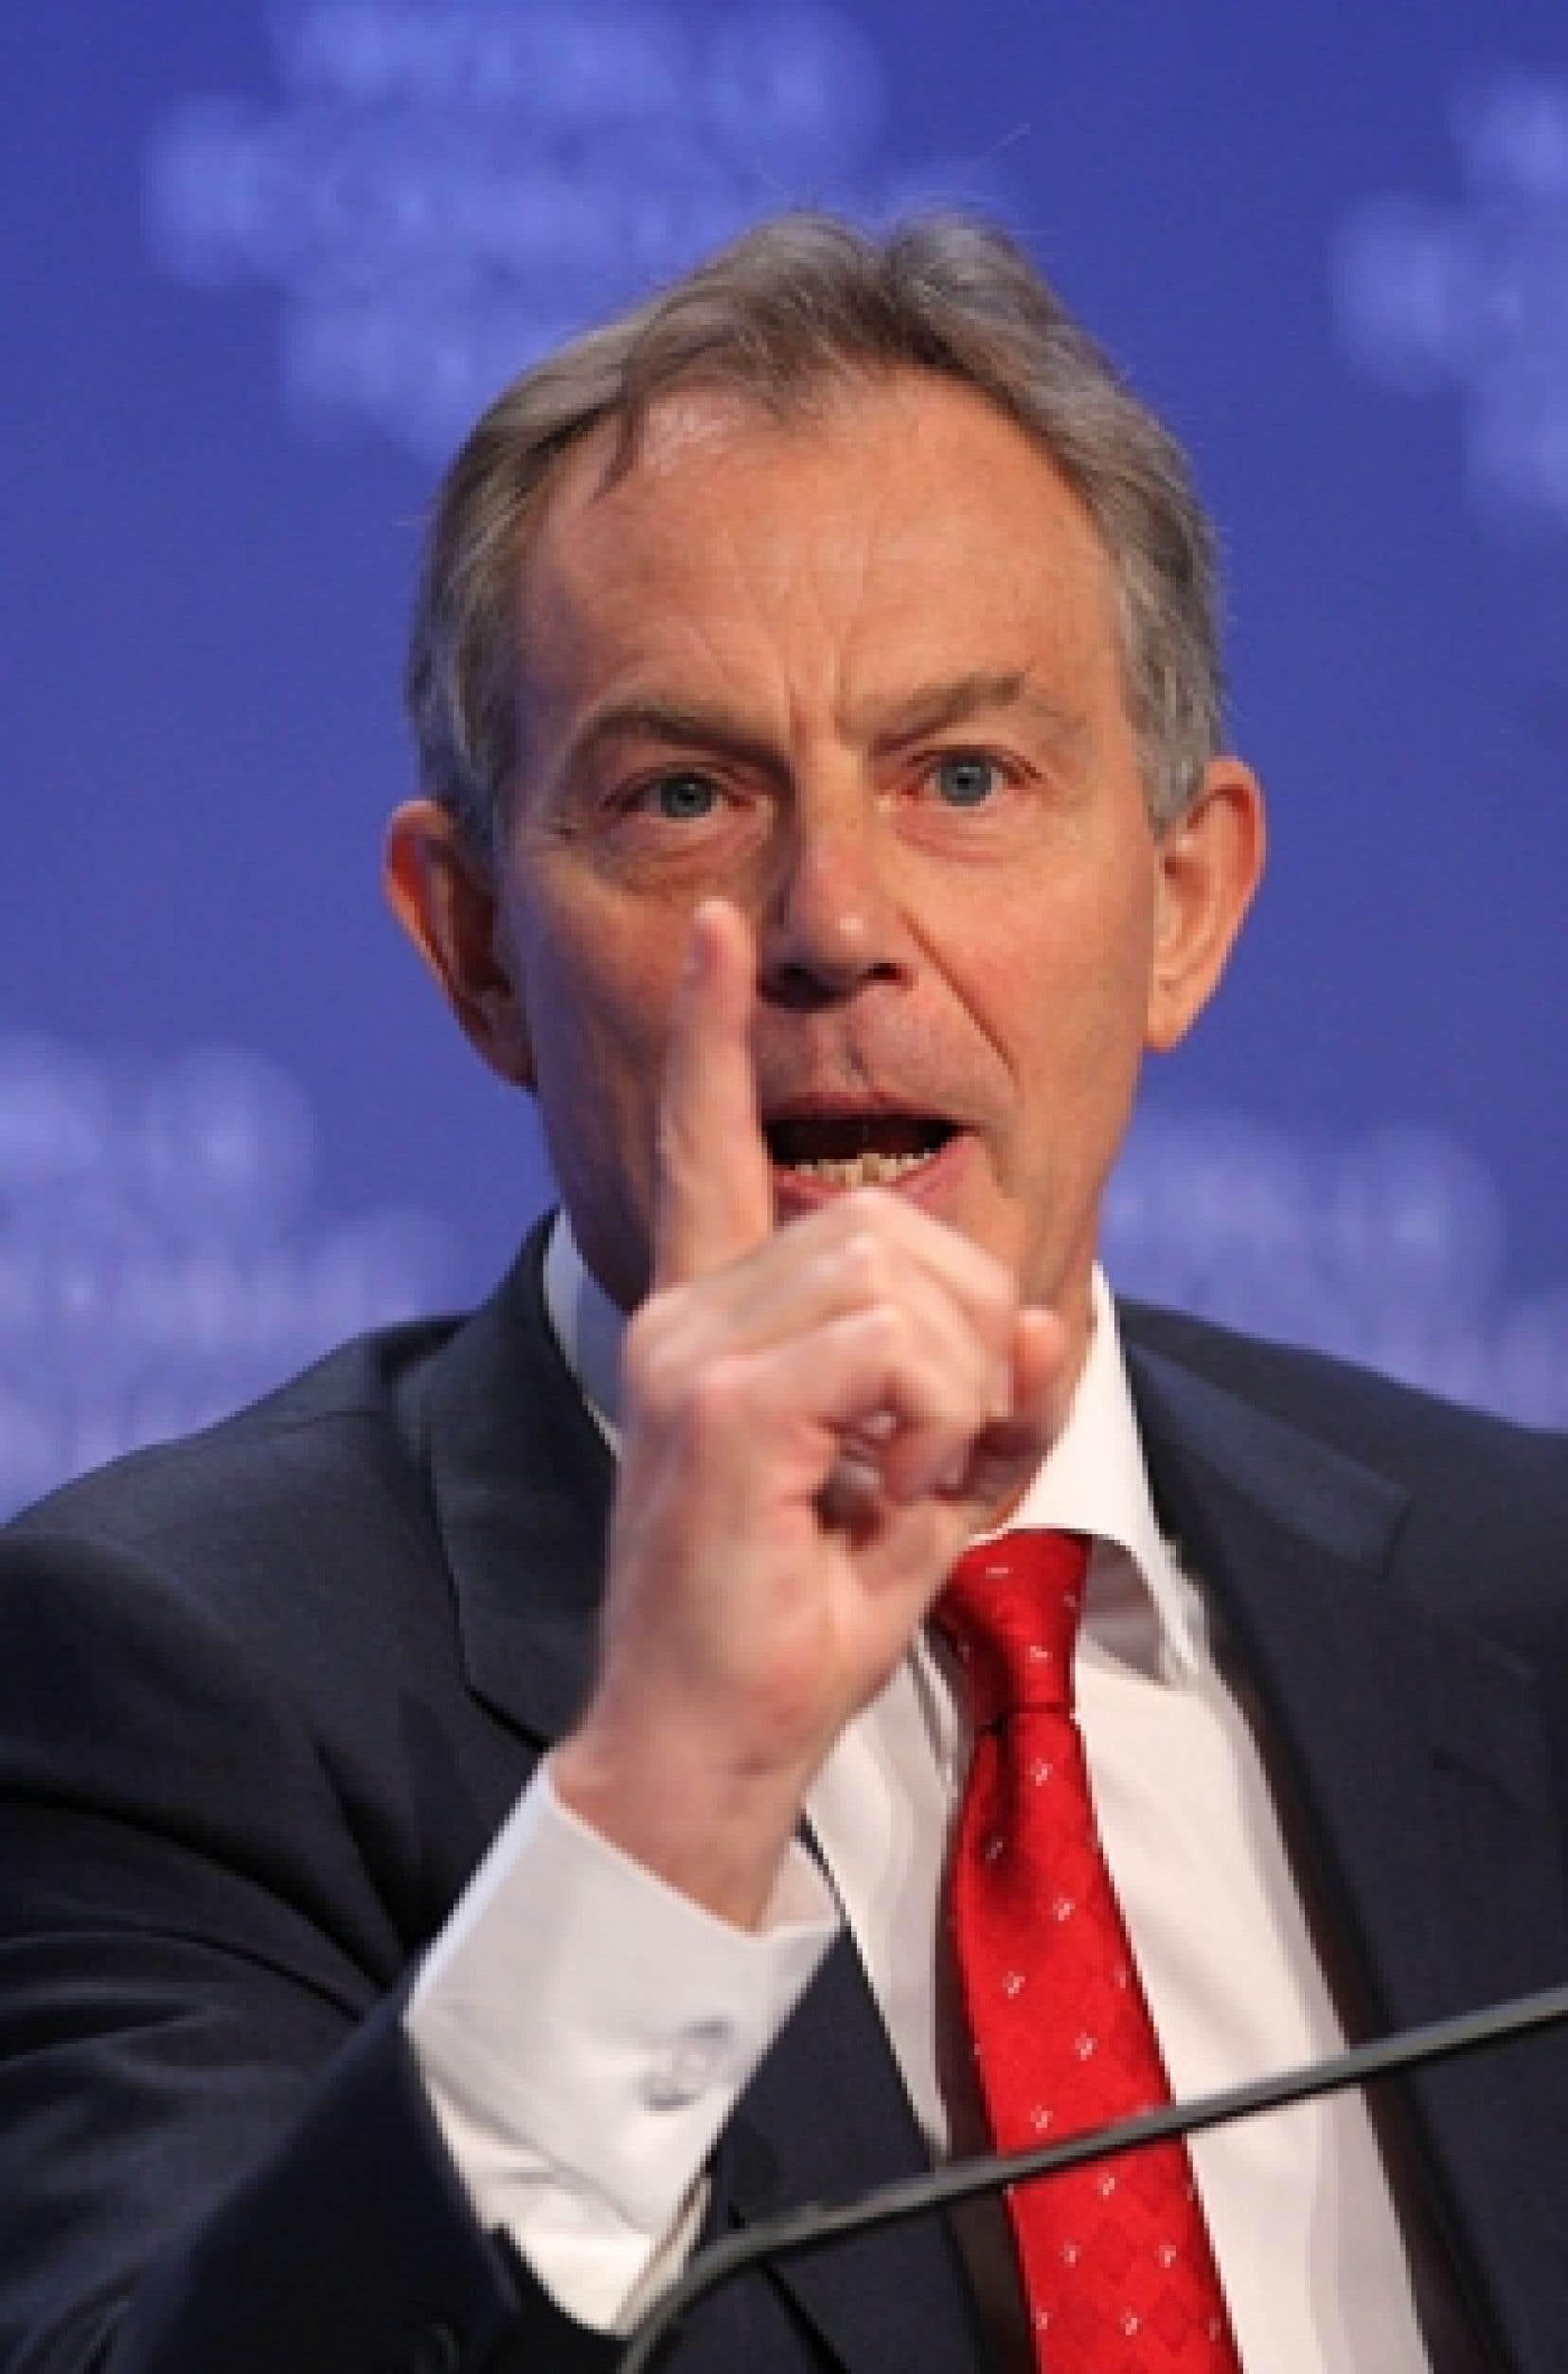 Tony Blair, ancien premier ministre du Royaume-Uni, a voulu dédramatiser les choses lors de la seconde journée du Forum économique mondial, à Davos.